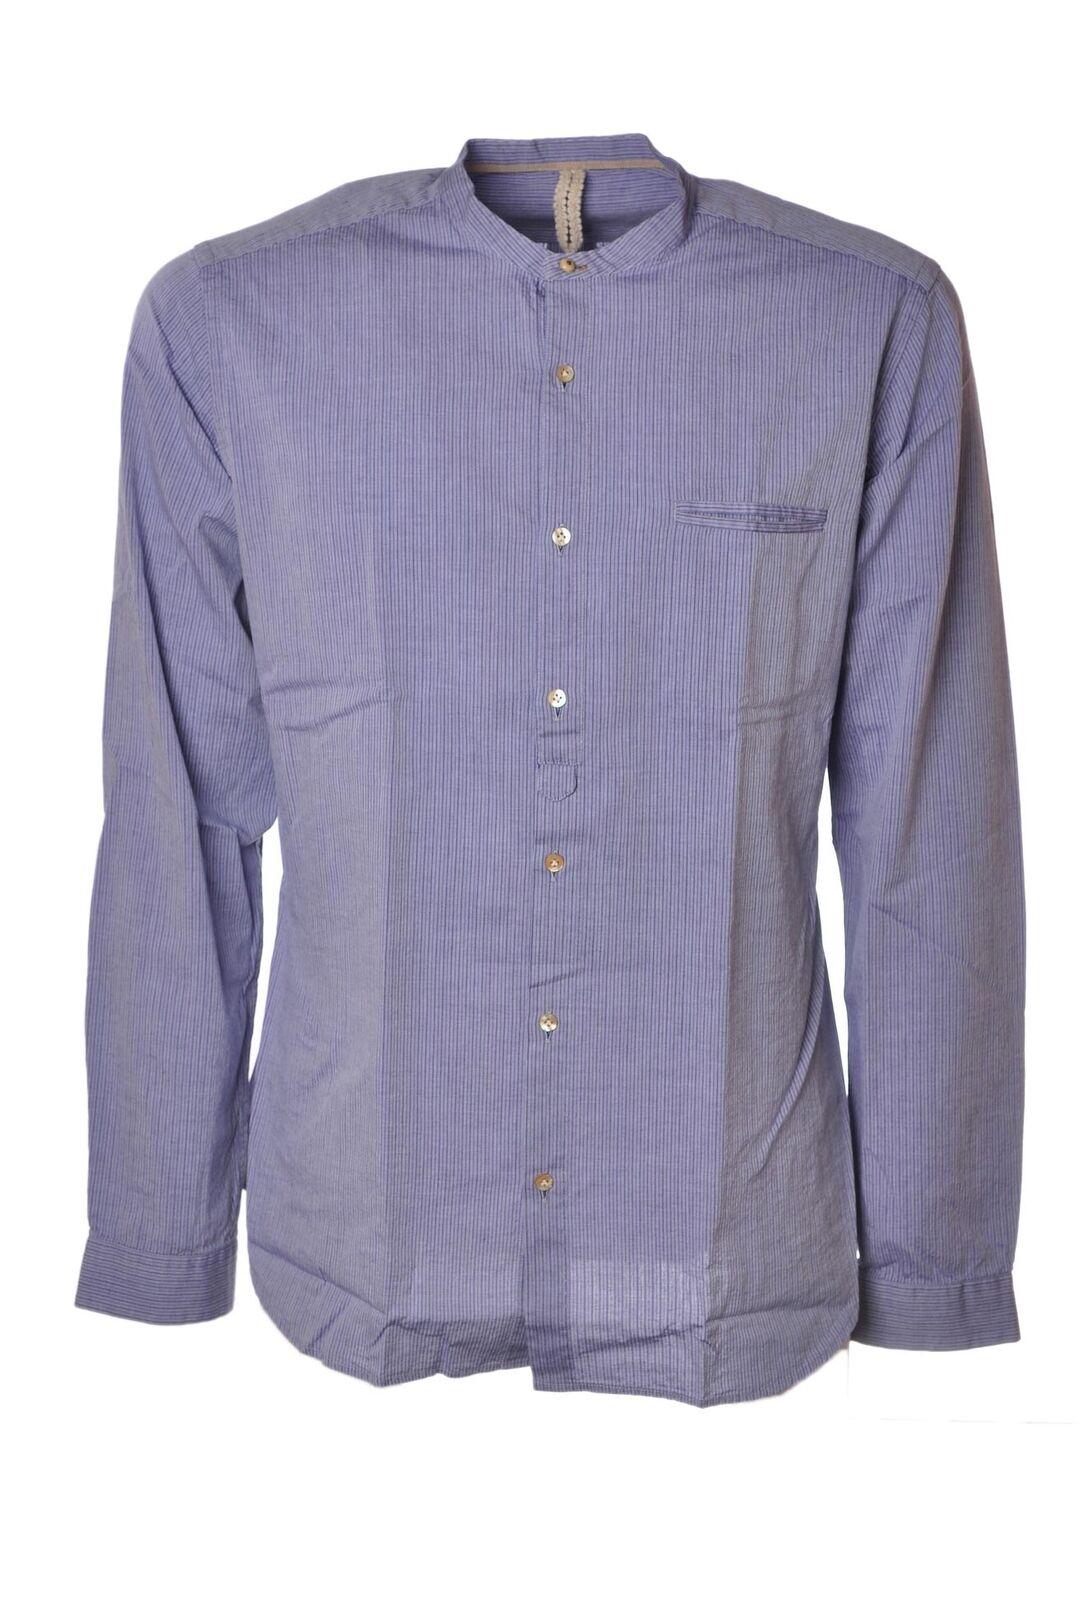 Dnl - Hemden-Hemden - Mann - Blau - 4356906G185153